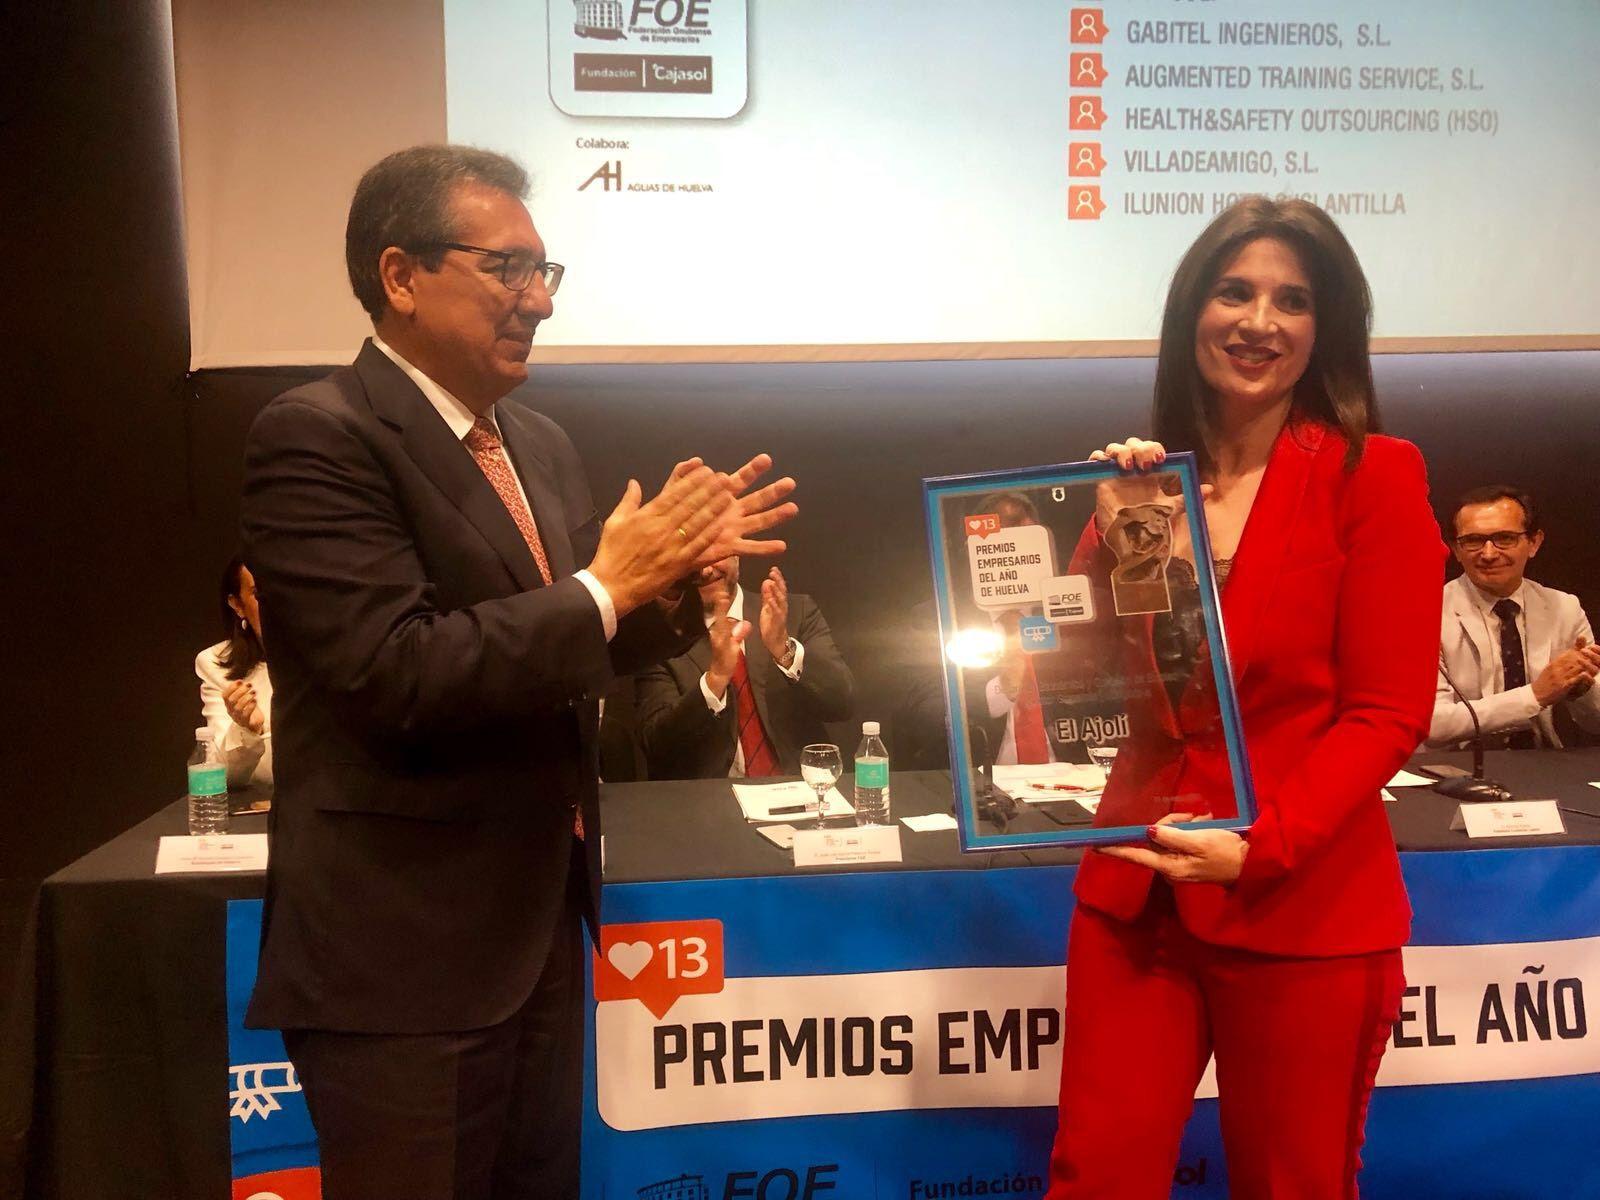 La Federación Onubense de Empresarios y la Fundación Cajasol han entregado este jueves, día 31 de mayo, los Premios Empresarios del Año de Huelva en su decimotercera edición, que permiten reconocer a las empresas de la provincia onubense que más han destacado en diferentes campos de la gestión empresarial.